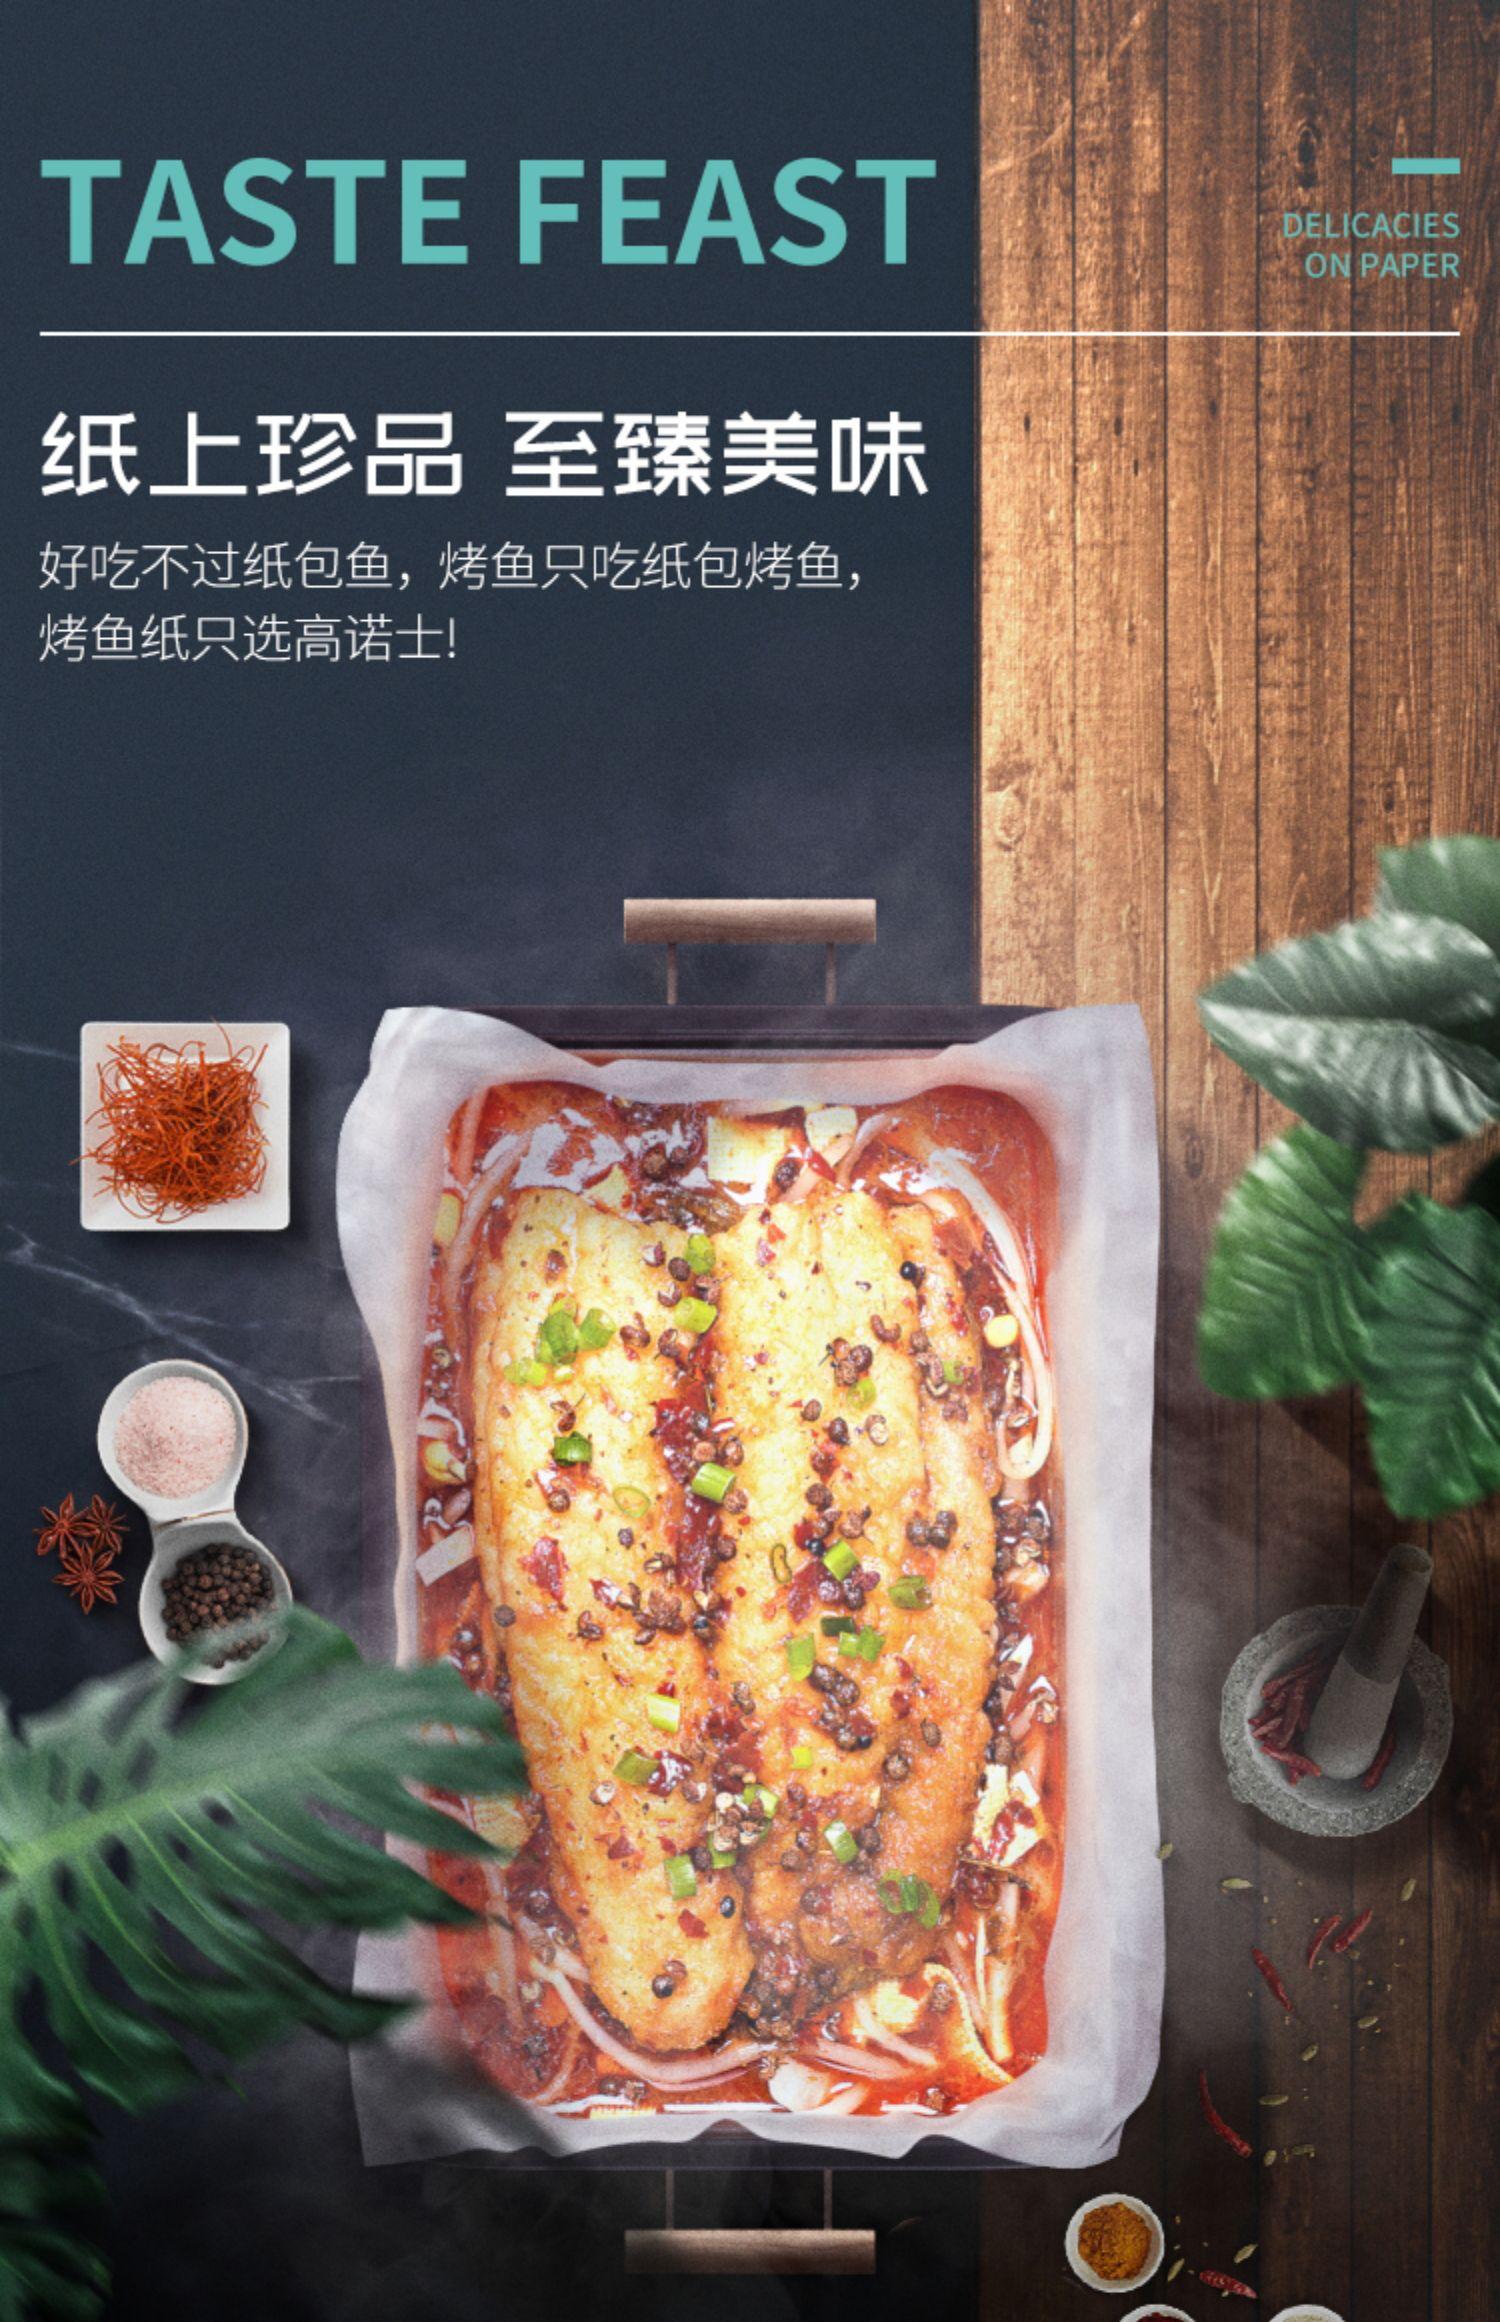 GRLEEZ烤鱼纸纸包鱼专用纸上烤鱼加厚商用吸油硅油烘焙烤肉烧烤纸商品详情图